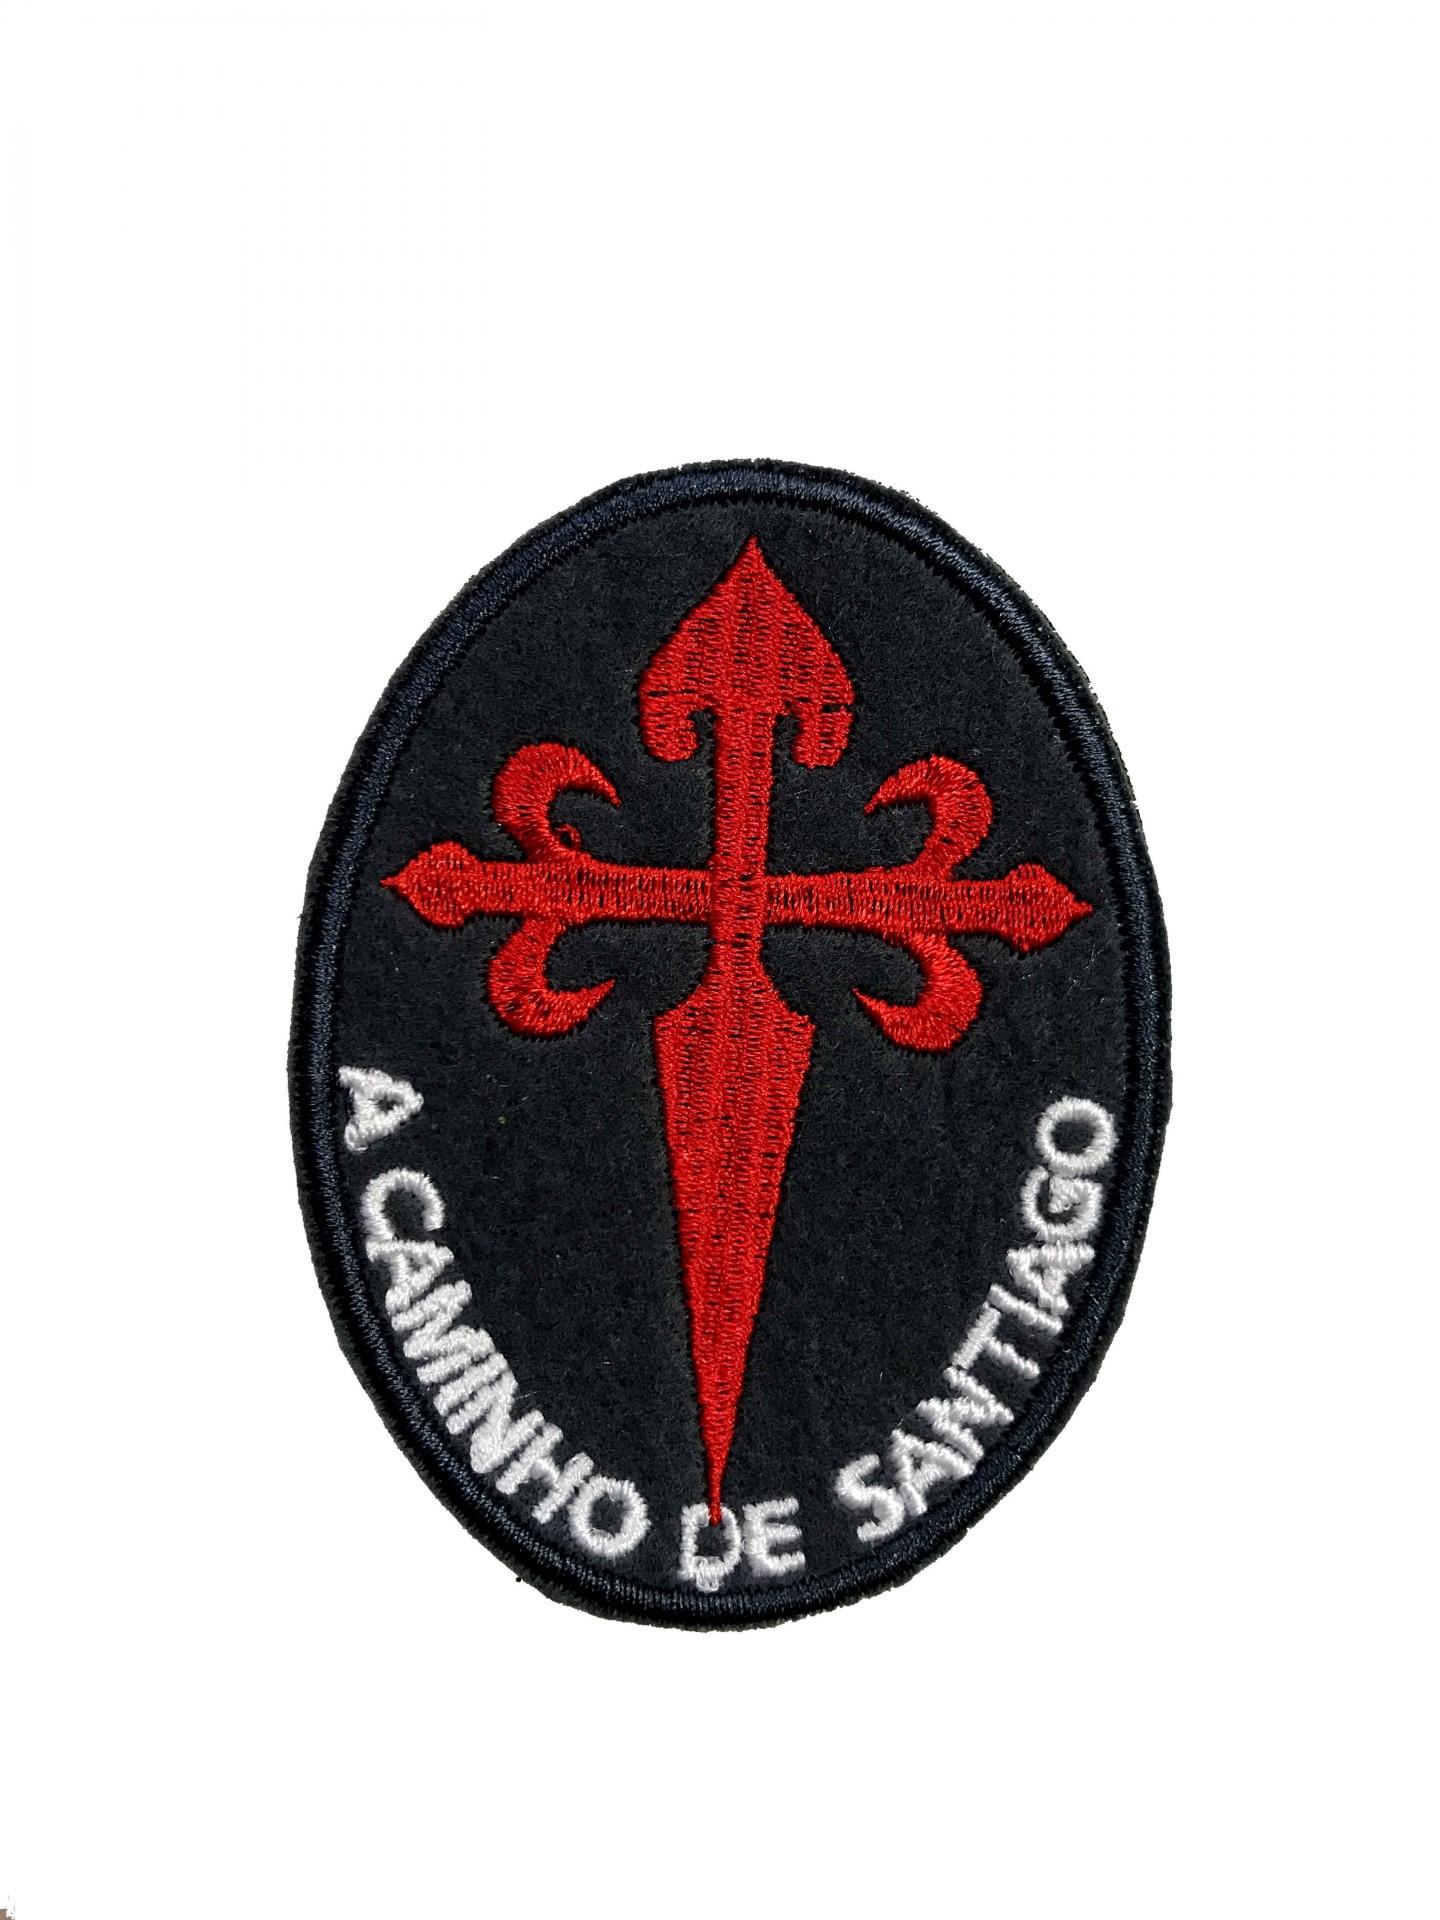 Emblema A caminho de Santiago